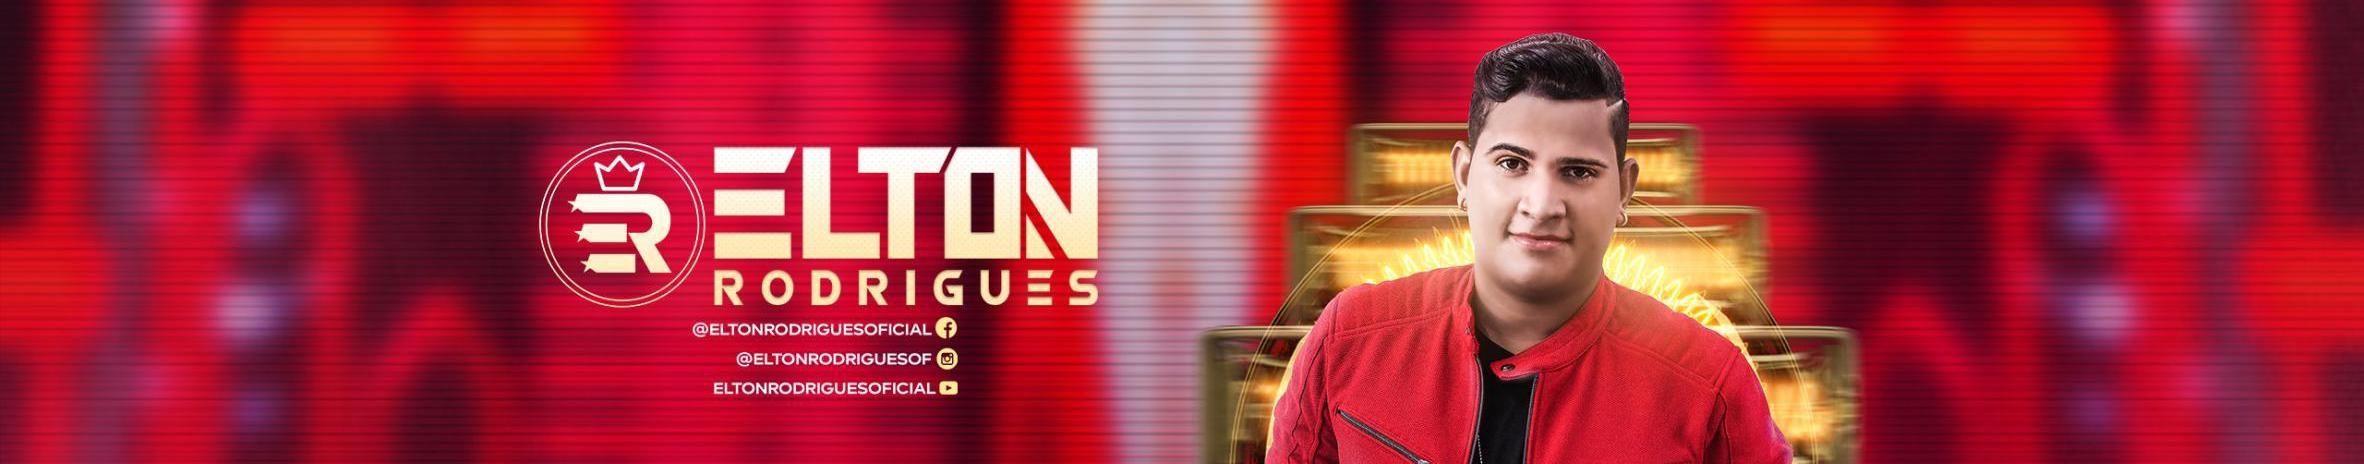 Imagem de capa de Elton Rodrigues oficial